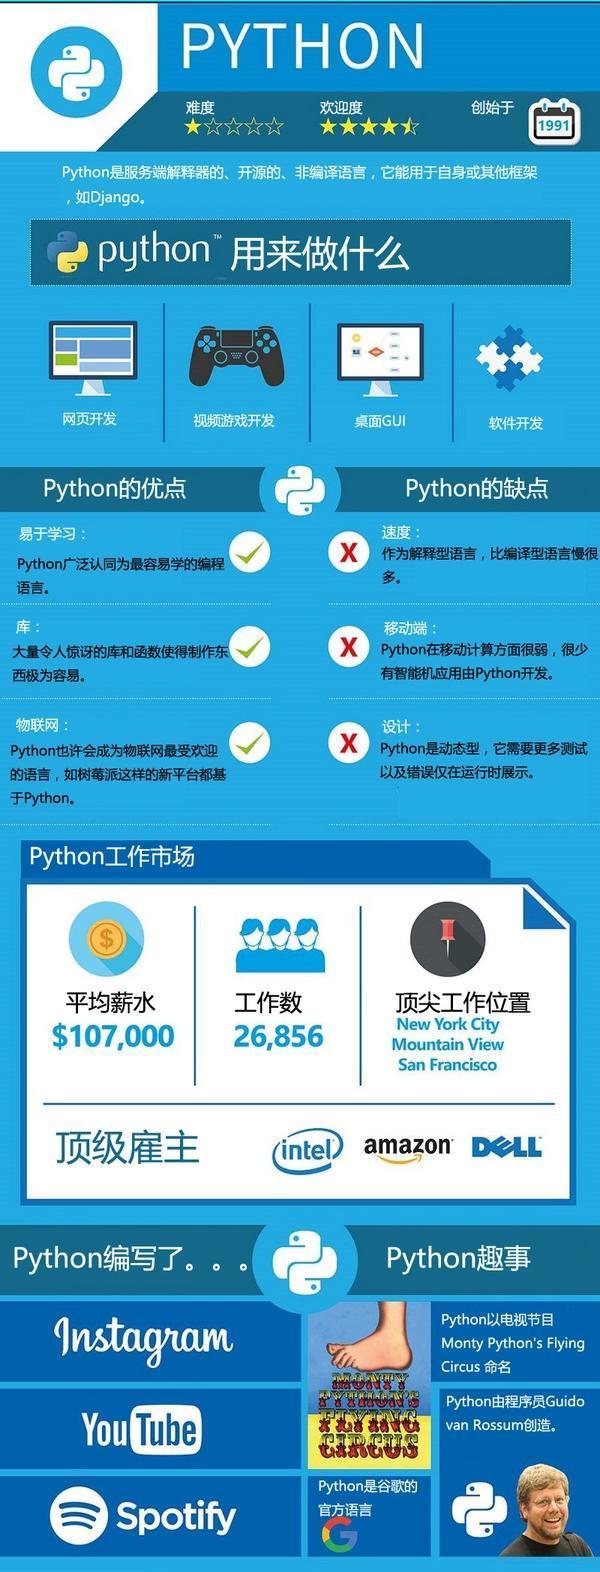 2018年上半年热门编程语言排行榜,java竟不是第一,Python笑了